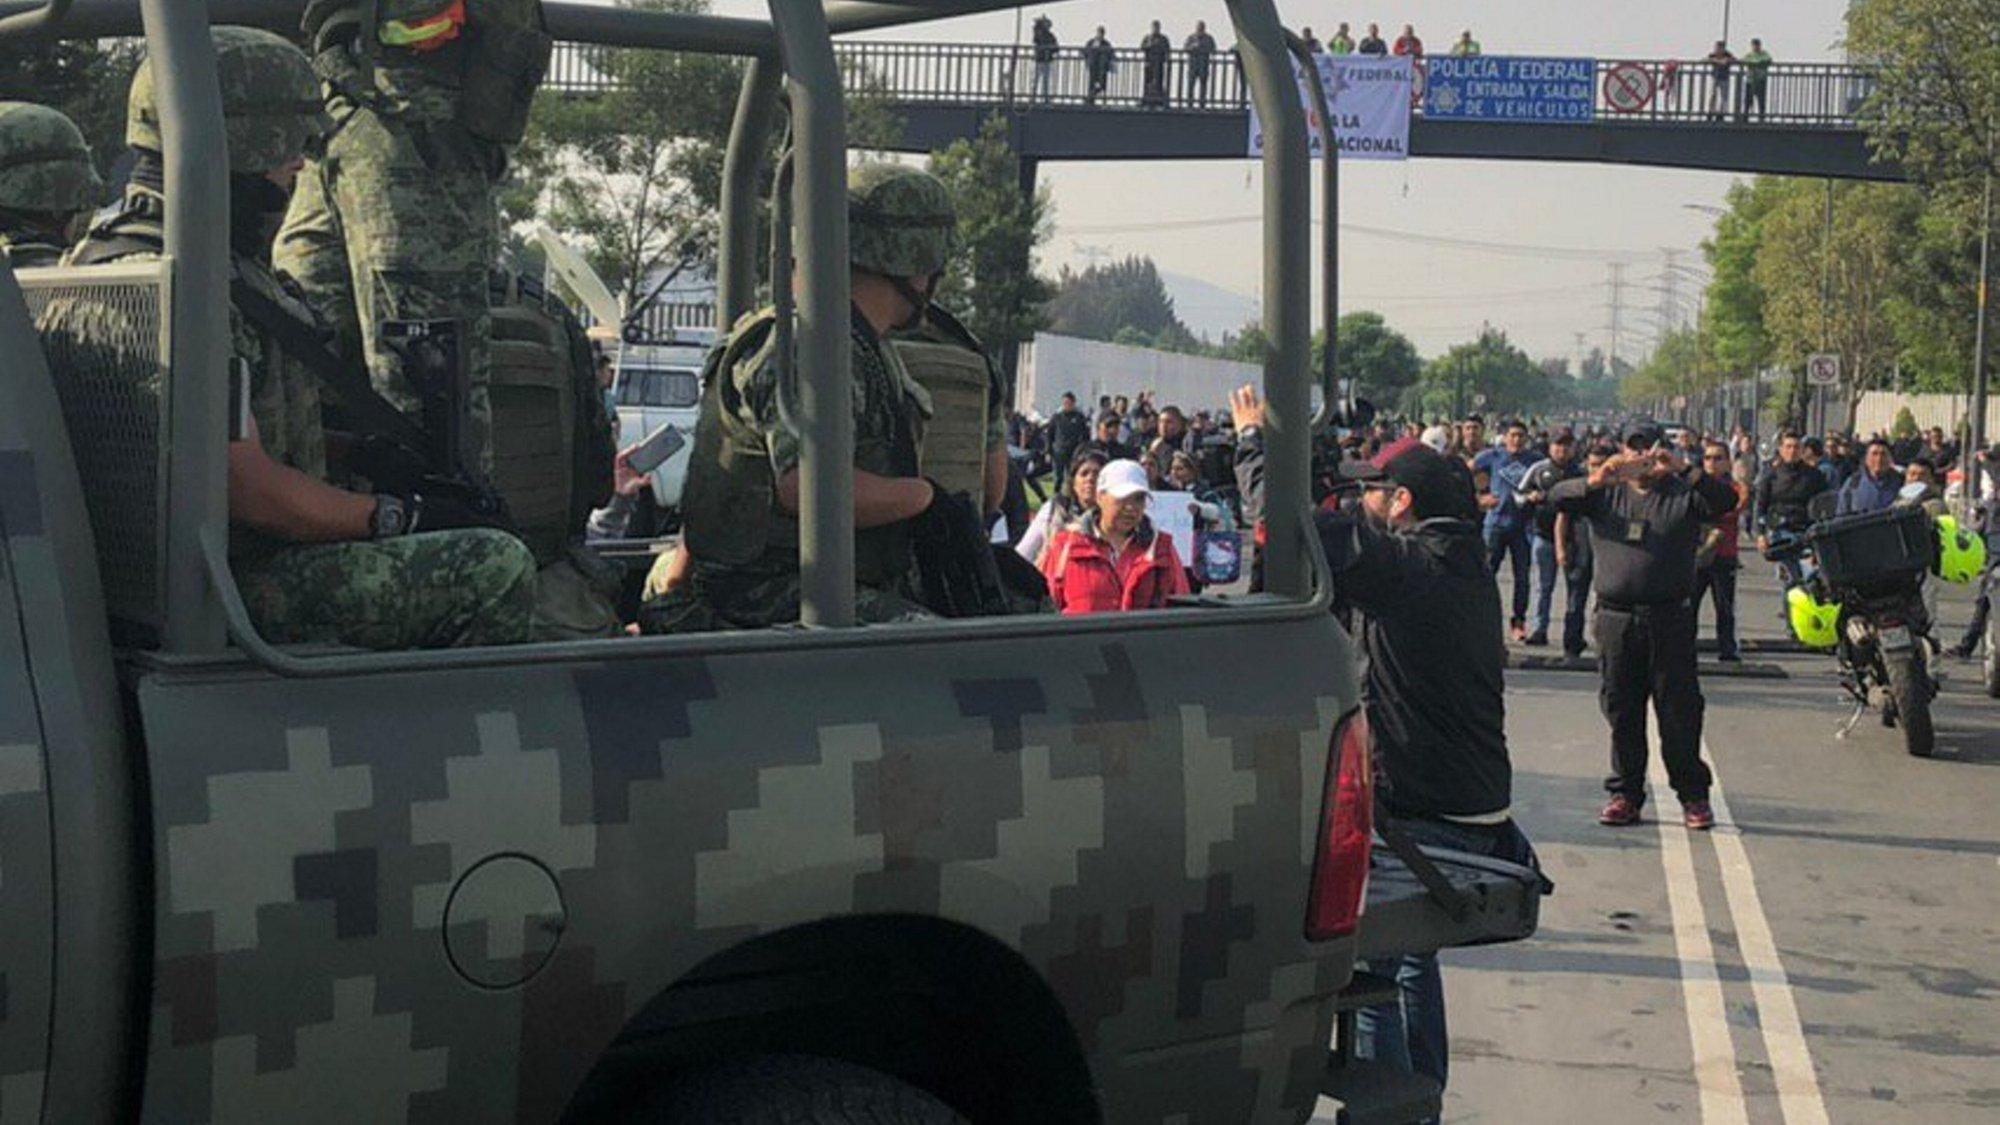 Llegada de militares a sede de Policía Federal causa minutos de tensión